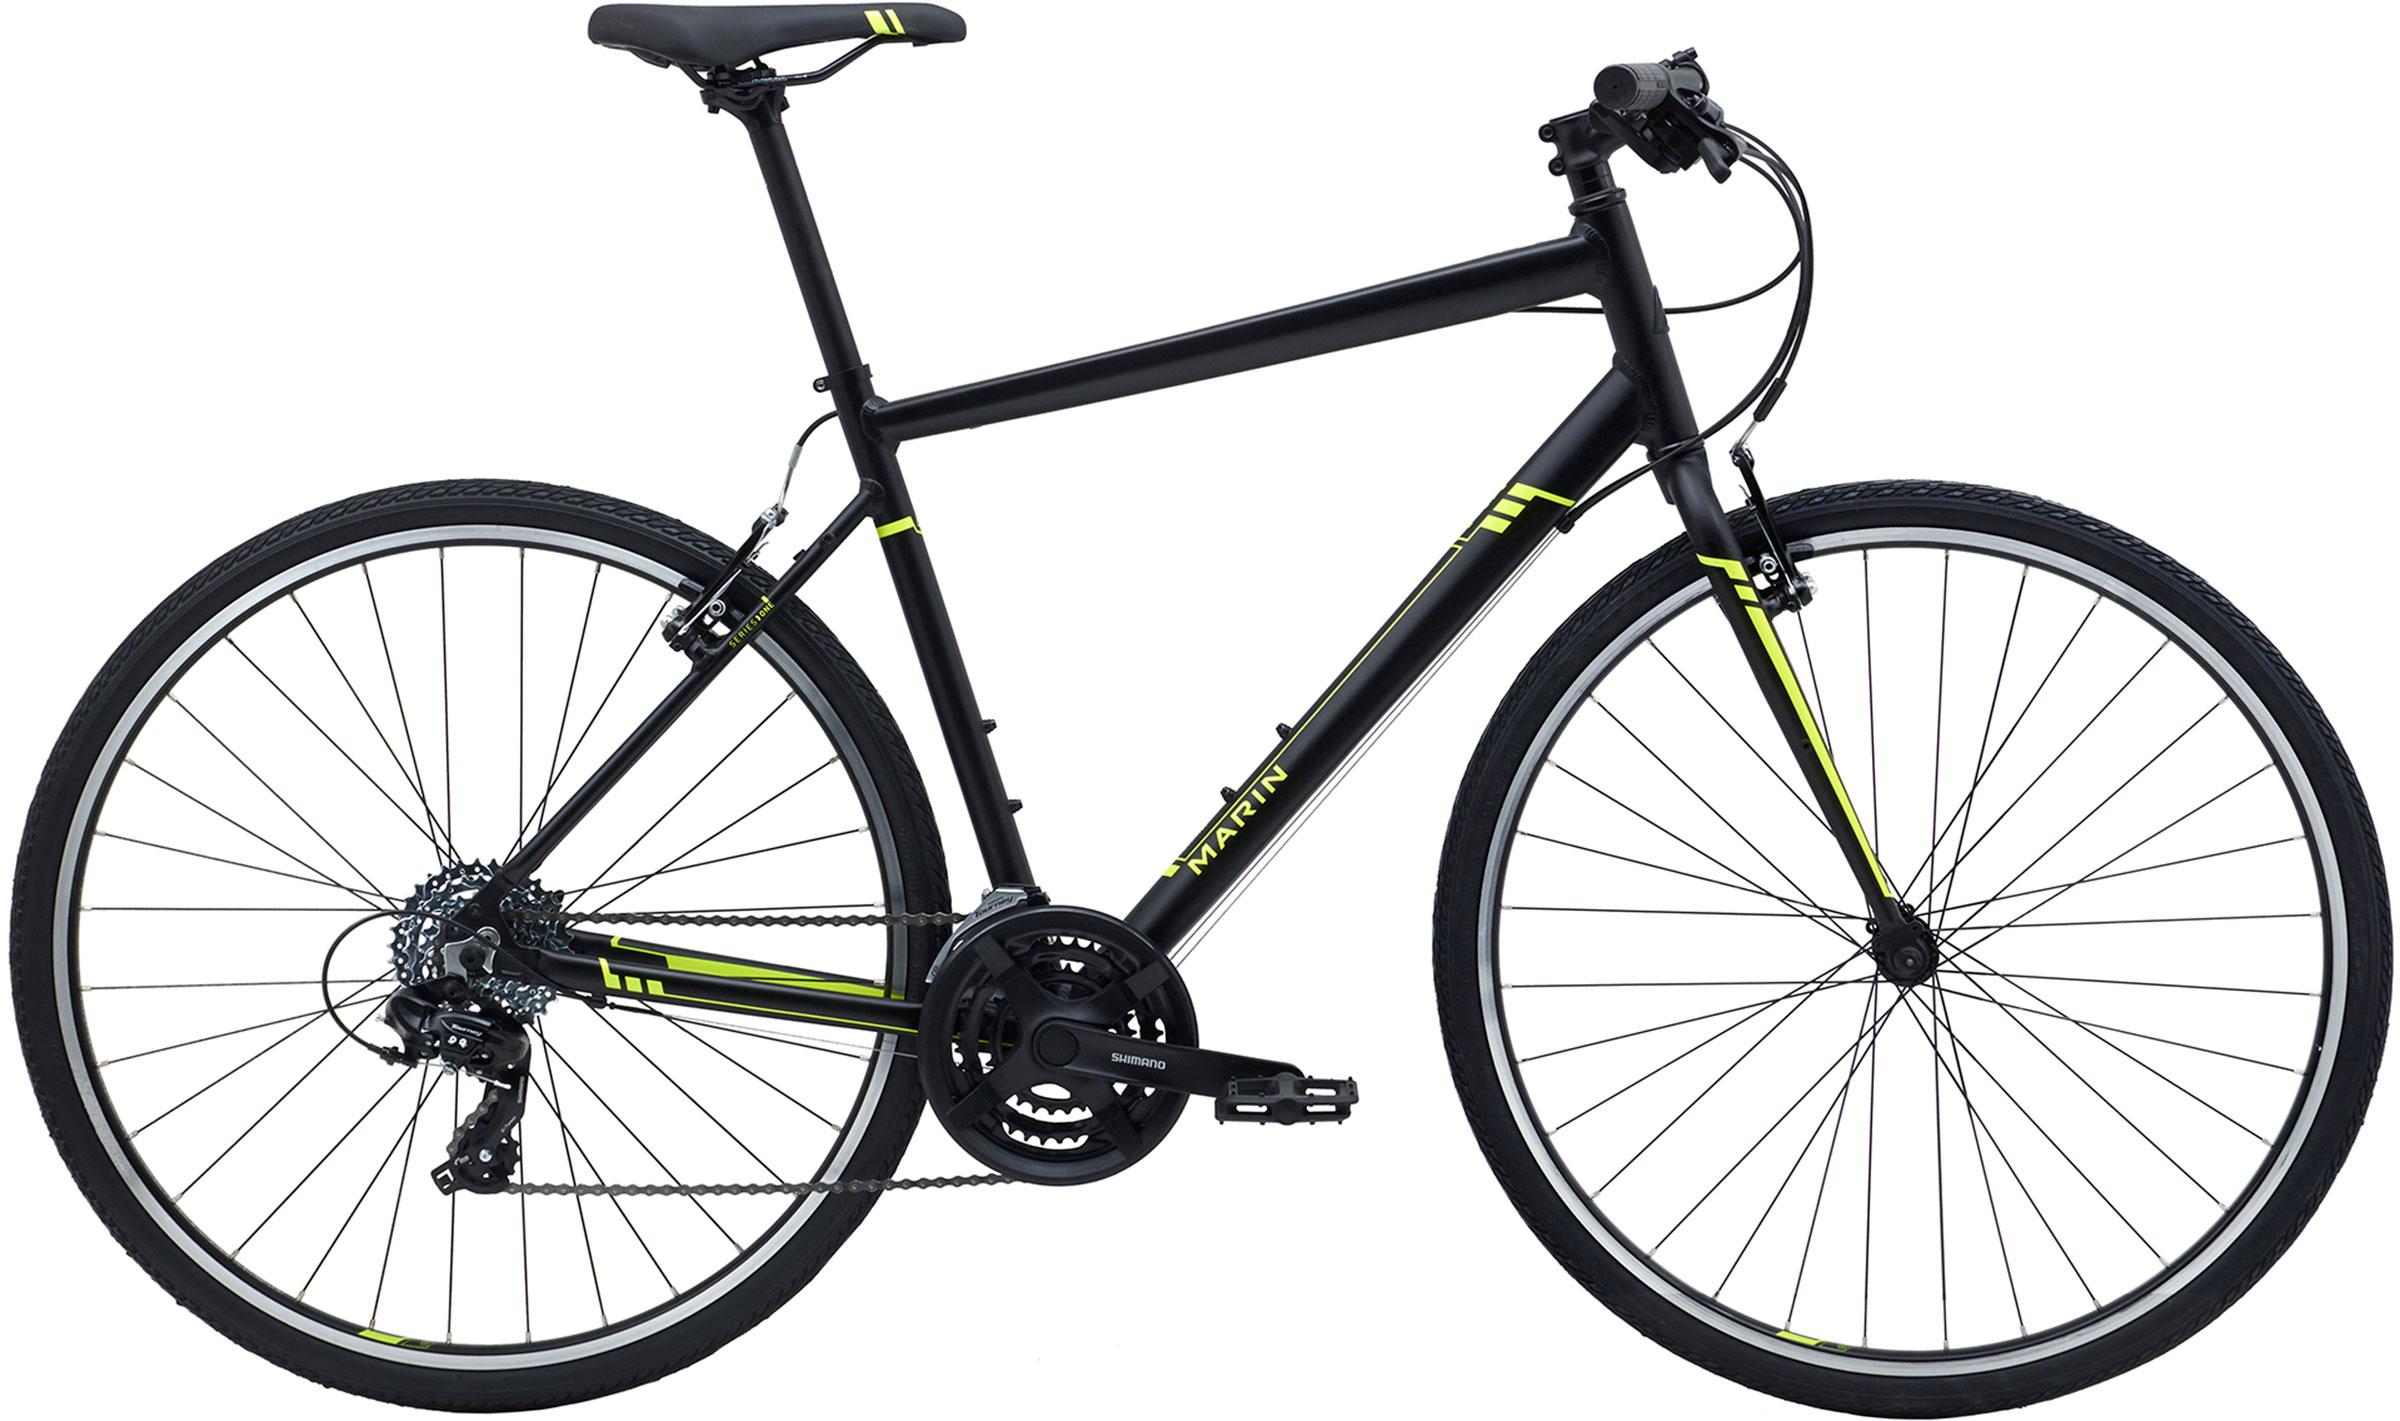 Marin Fairfax Sc Joe Bike